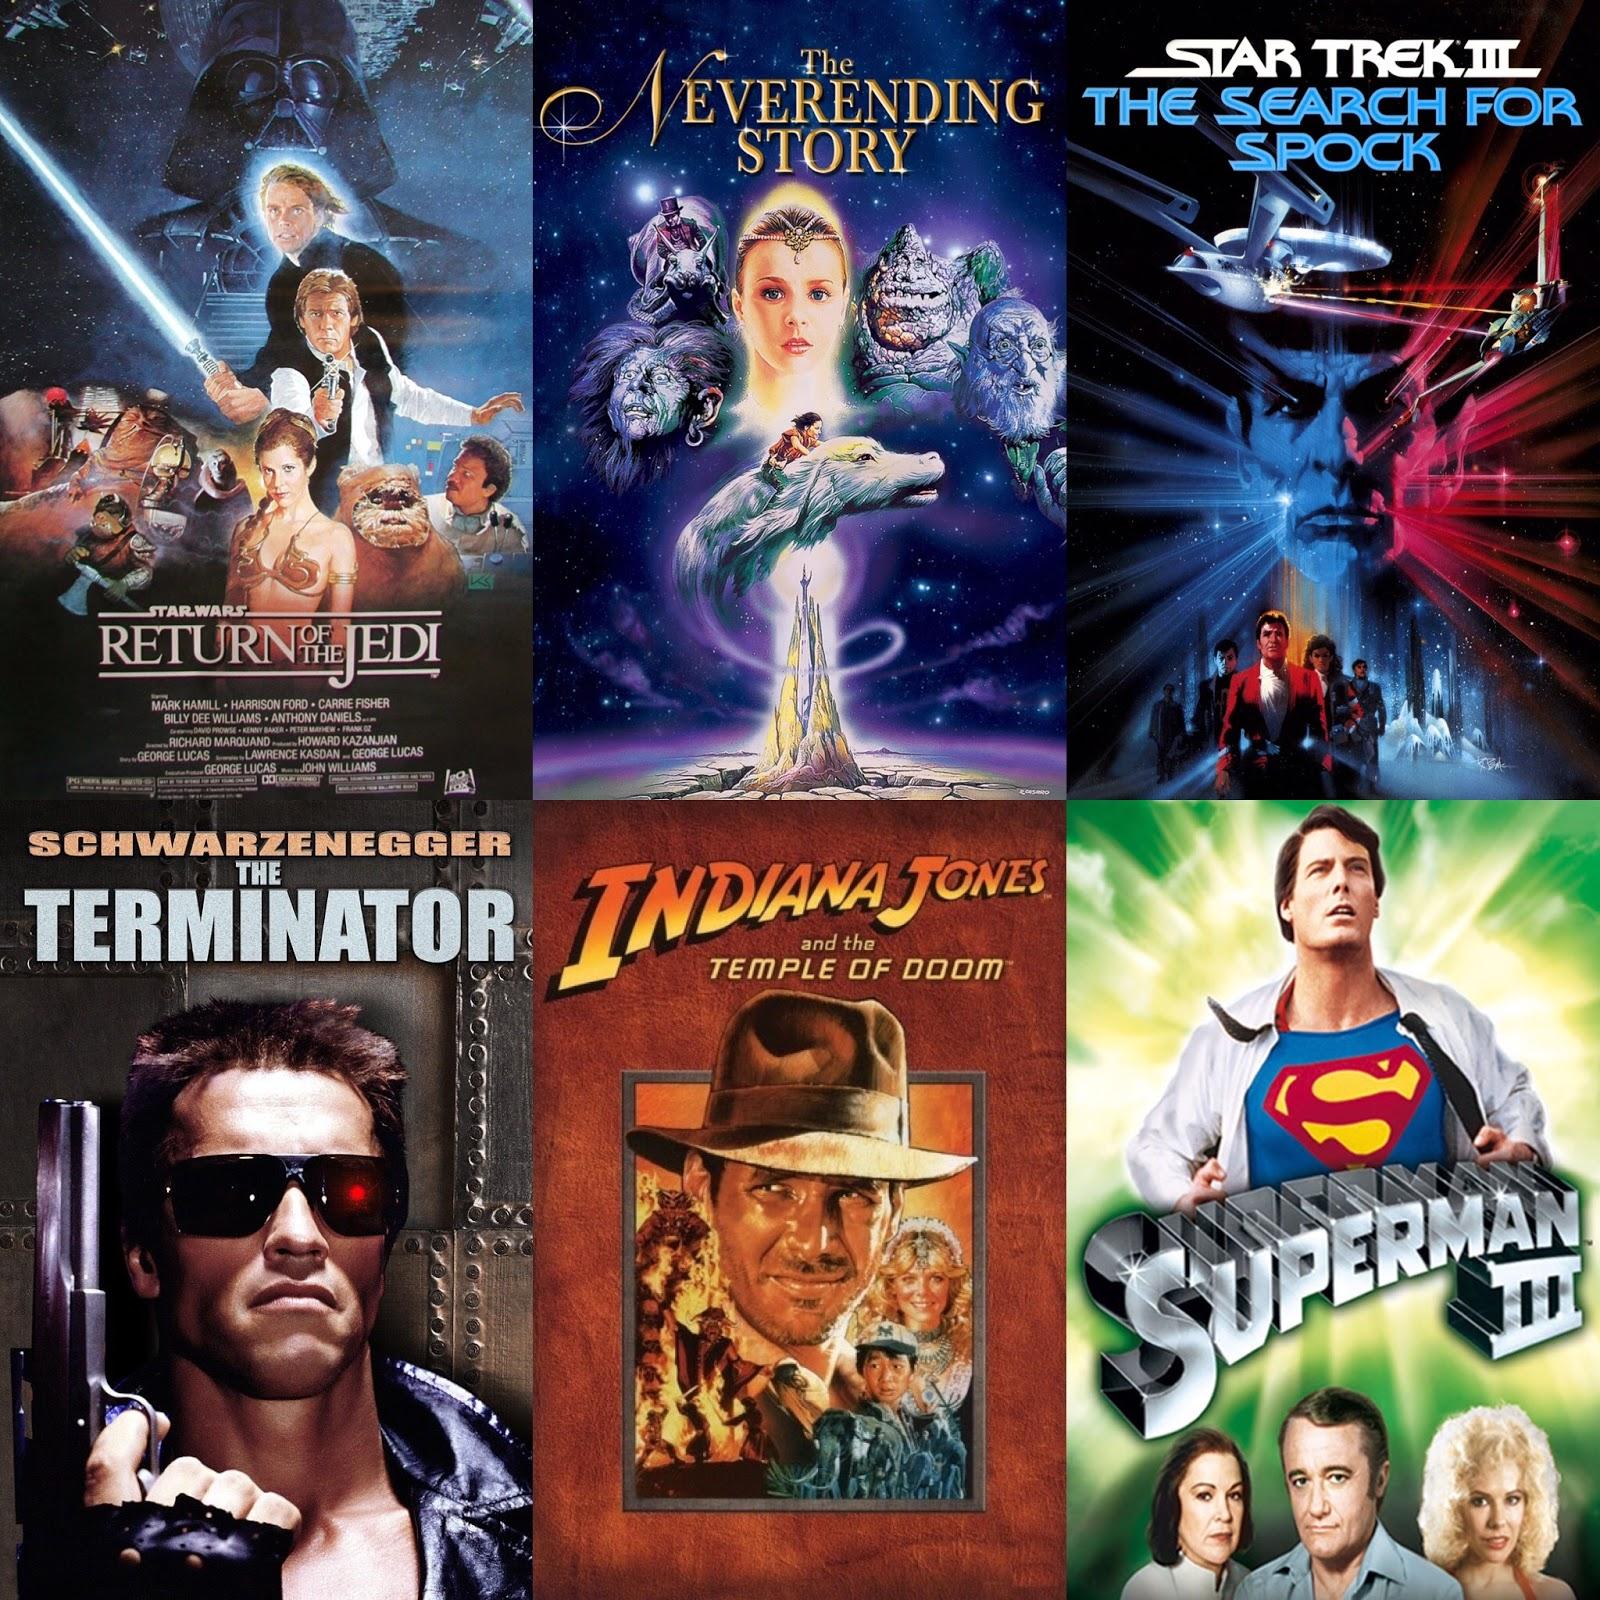 1983-1984 Movies